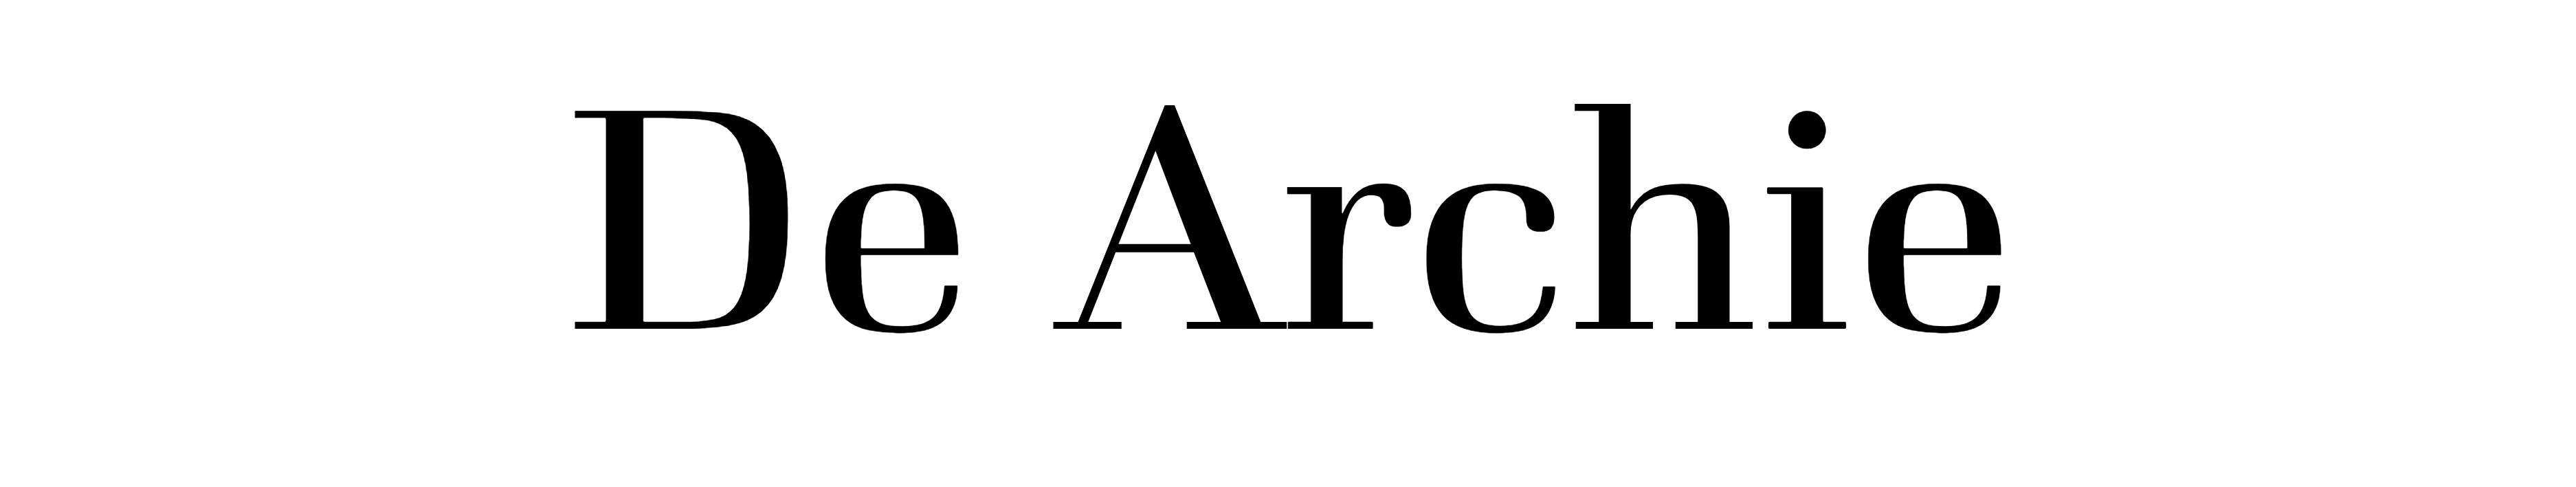 De Archie